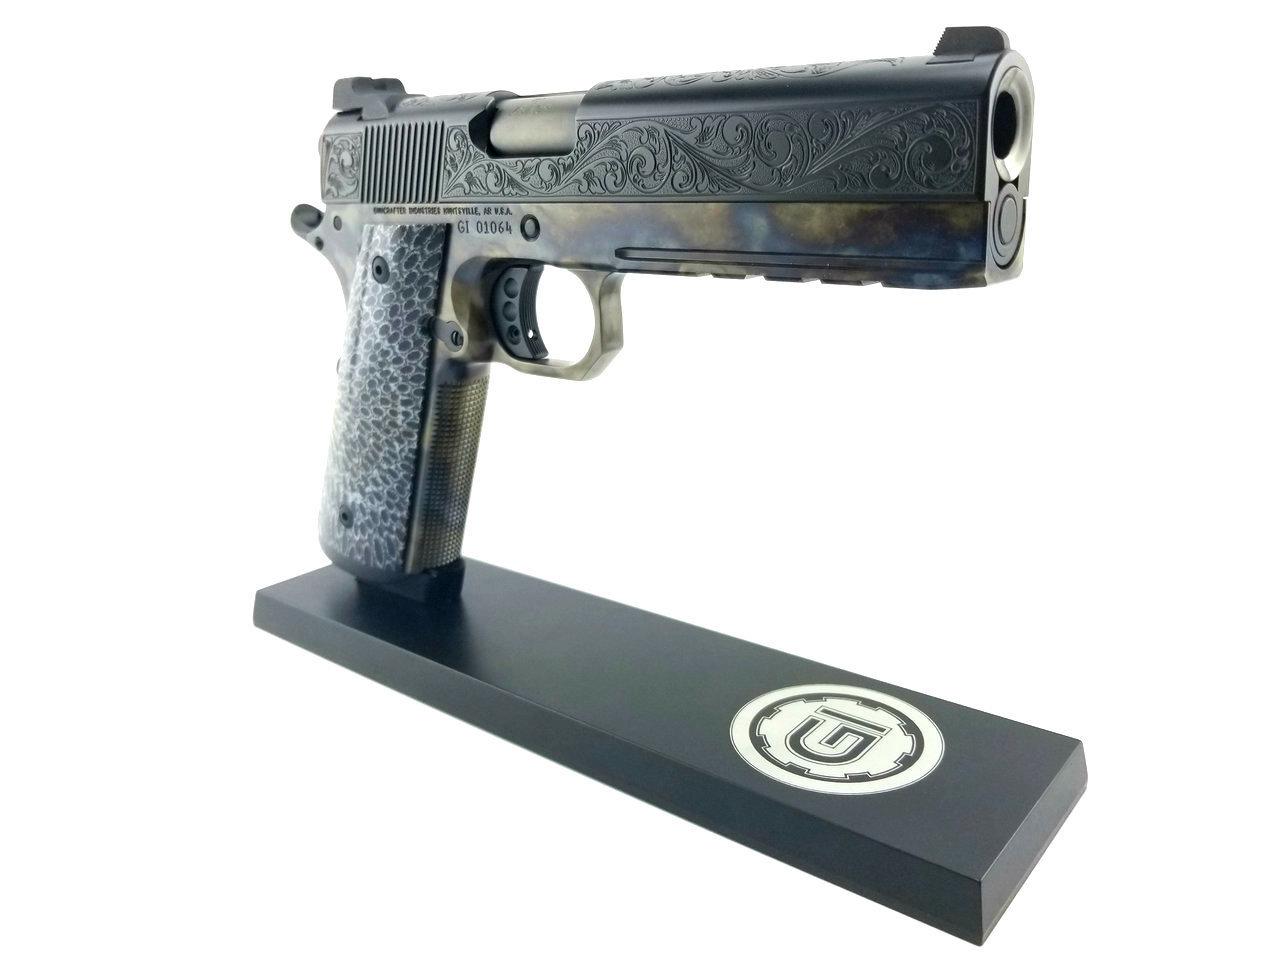 Guncrafter Industries Model 2 pistol